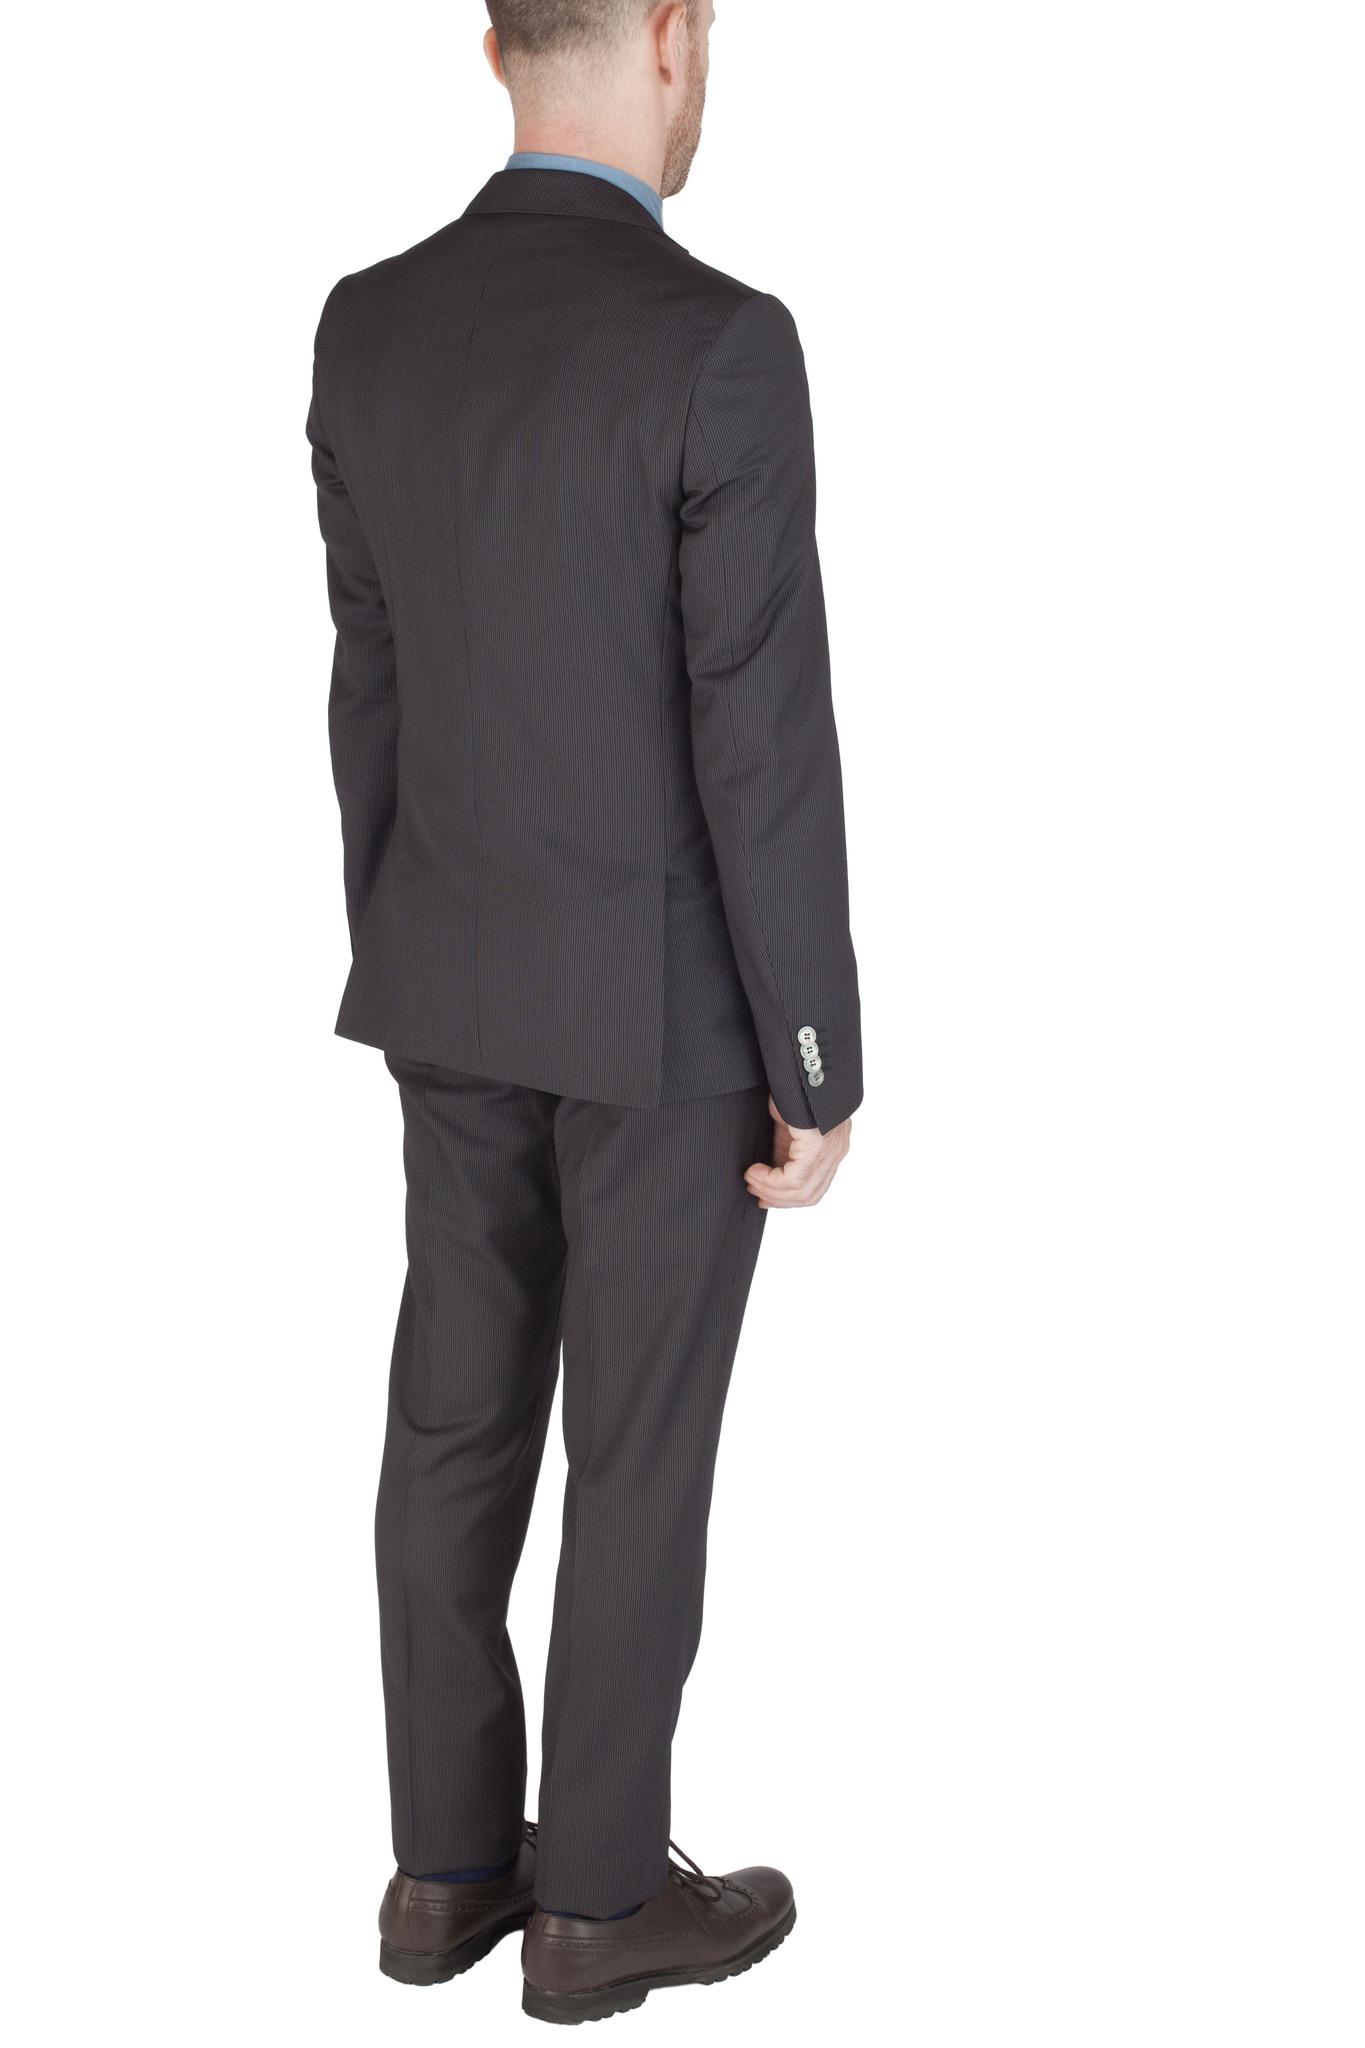 Тёмно-серый шерстяной костюм в тонкую светлую полоску